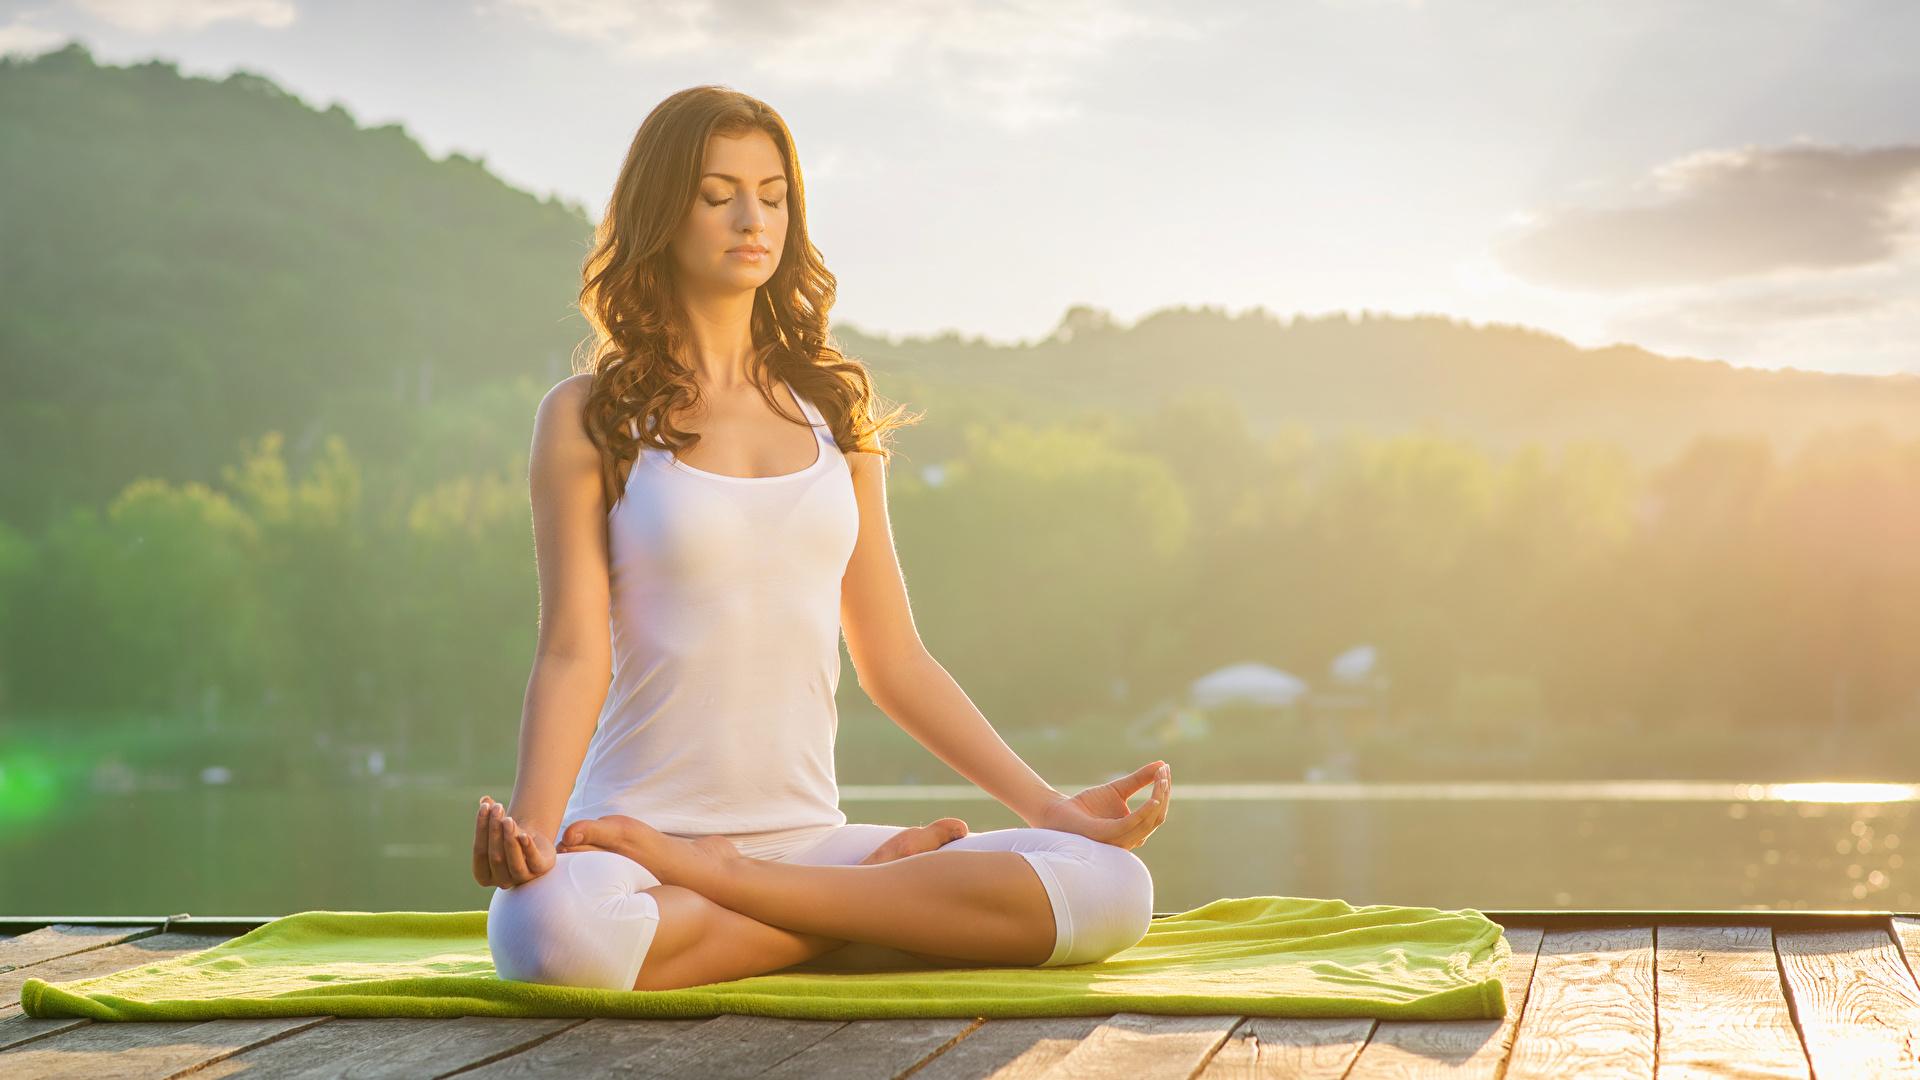 Foto Braunhaarige Joga Sport Mädchens Unterhemd Hand Sitzend 1920x1080 Braune Haare Yoga junge frau sportliches junge Frauen sitzt sitzen